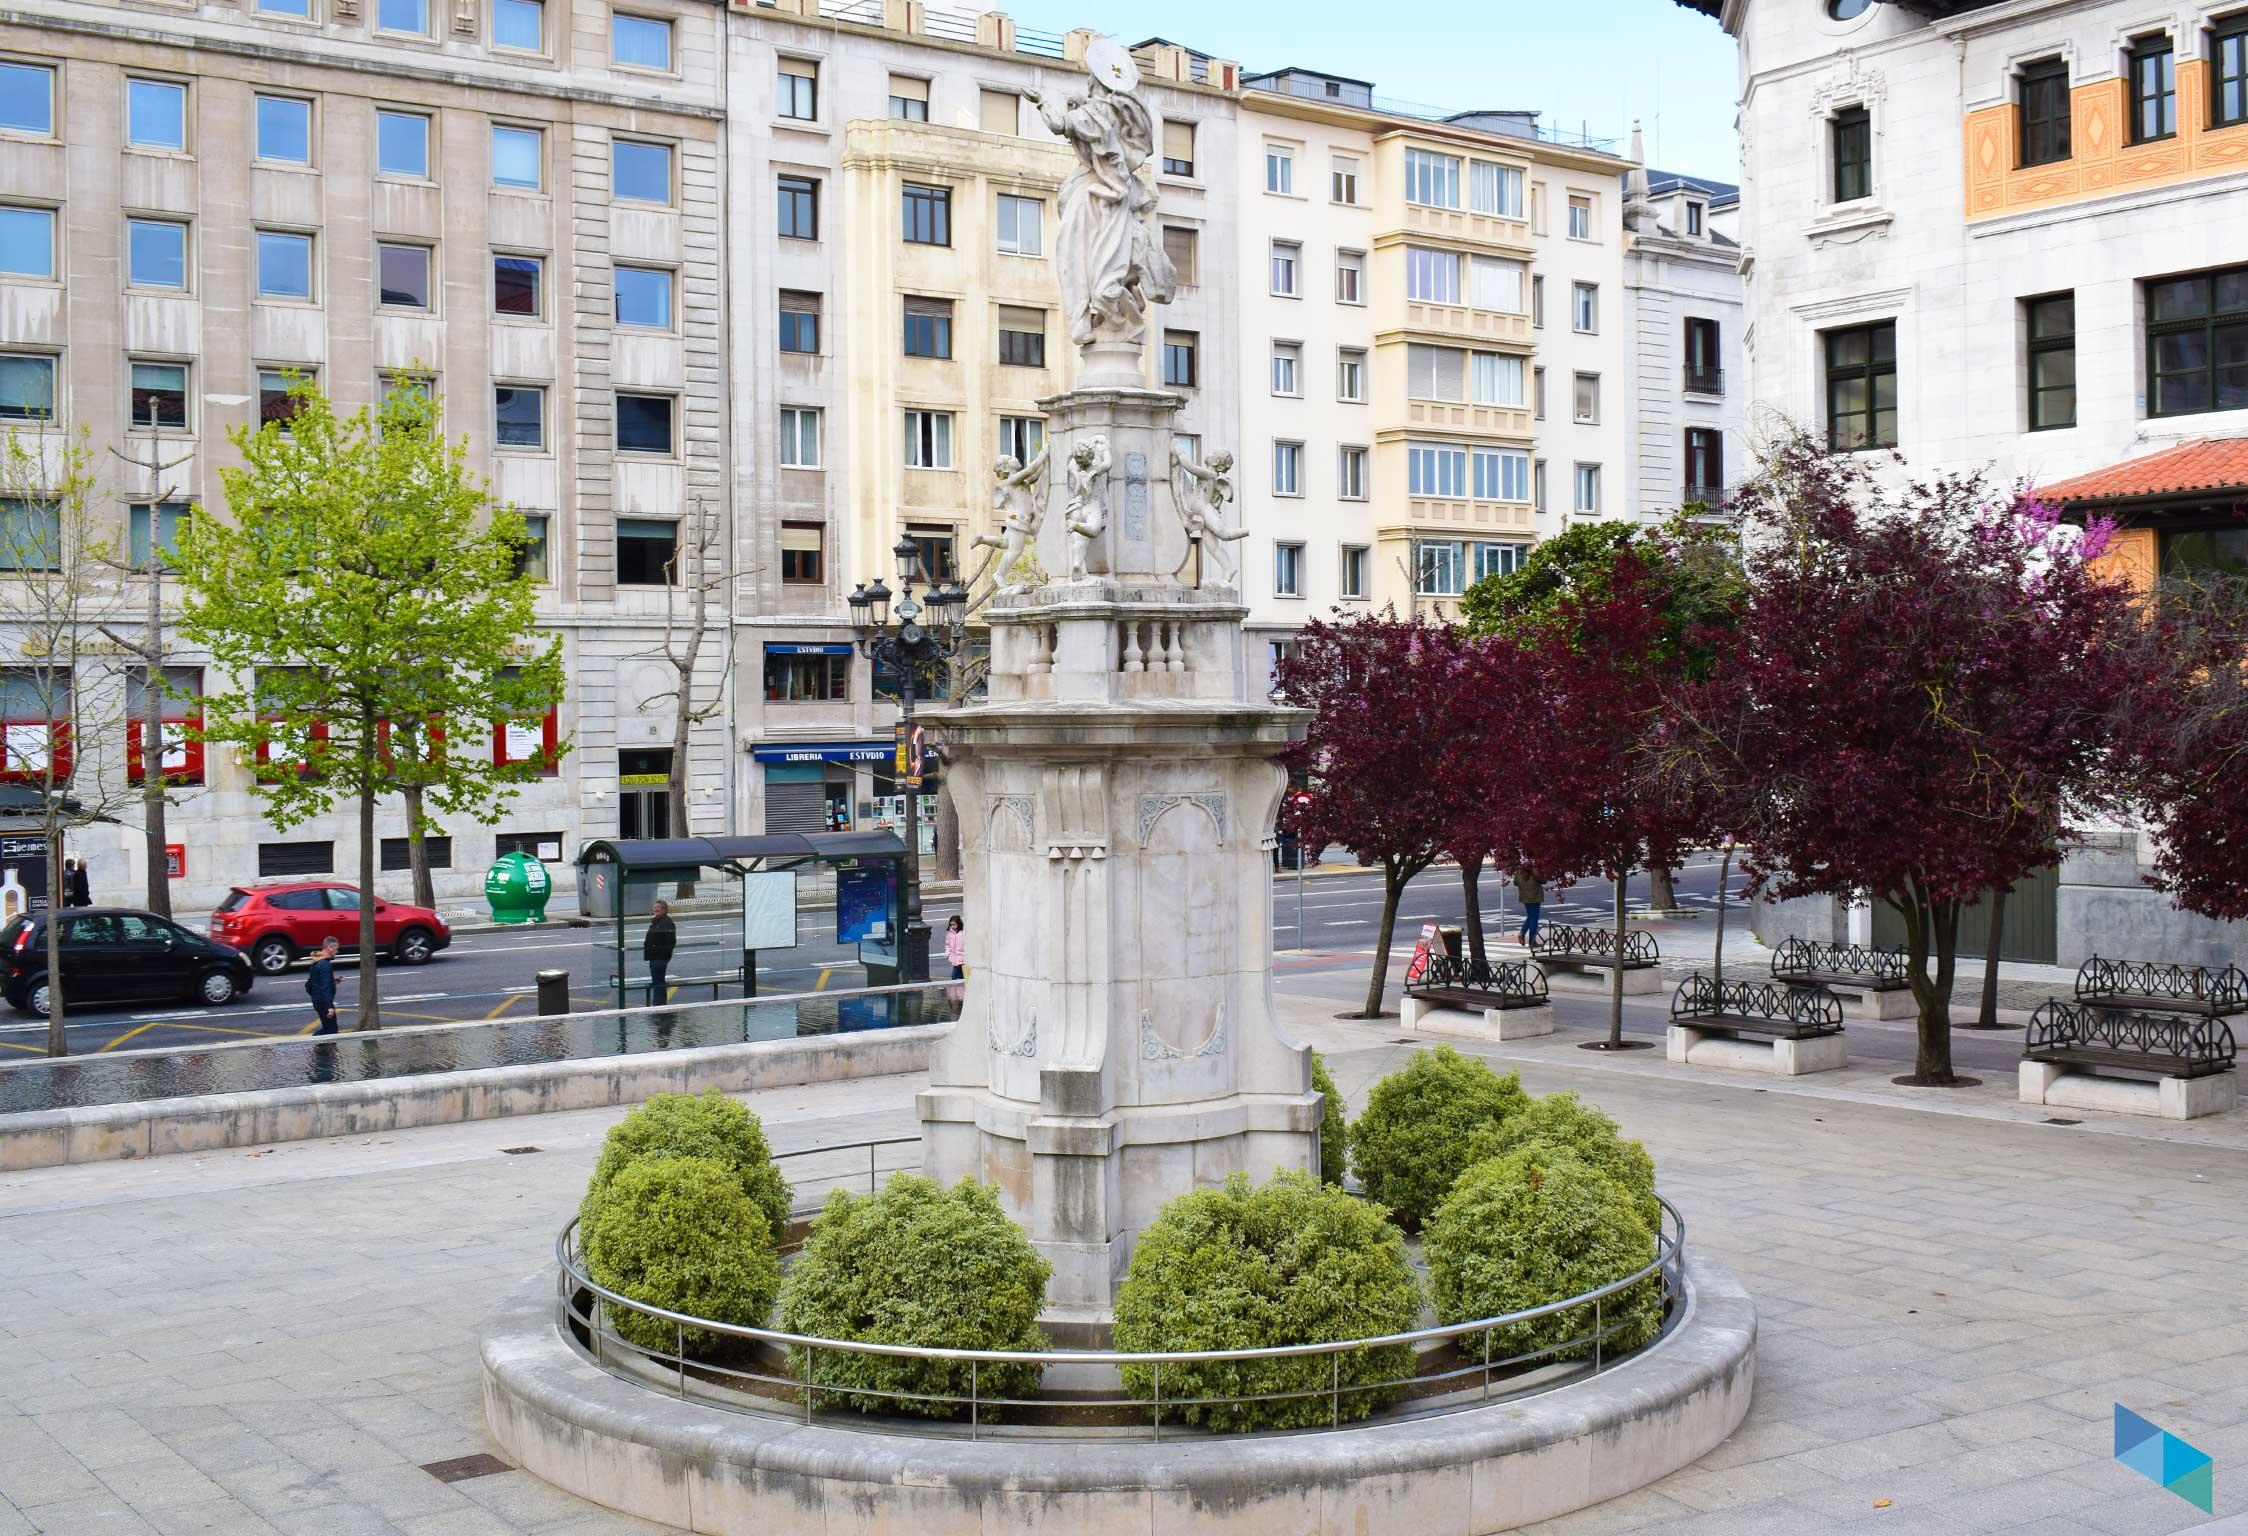 Plaza de las Atarazanas desde atras